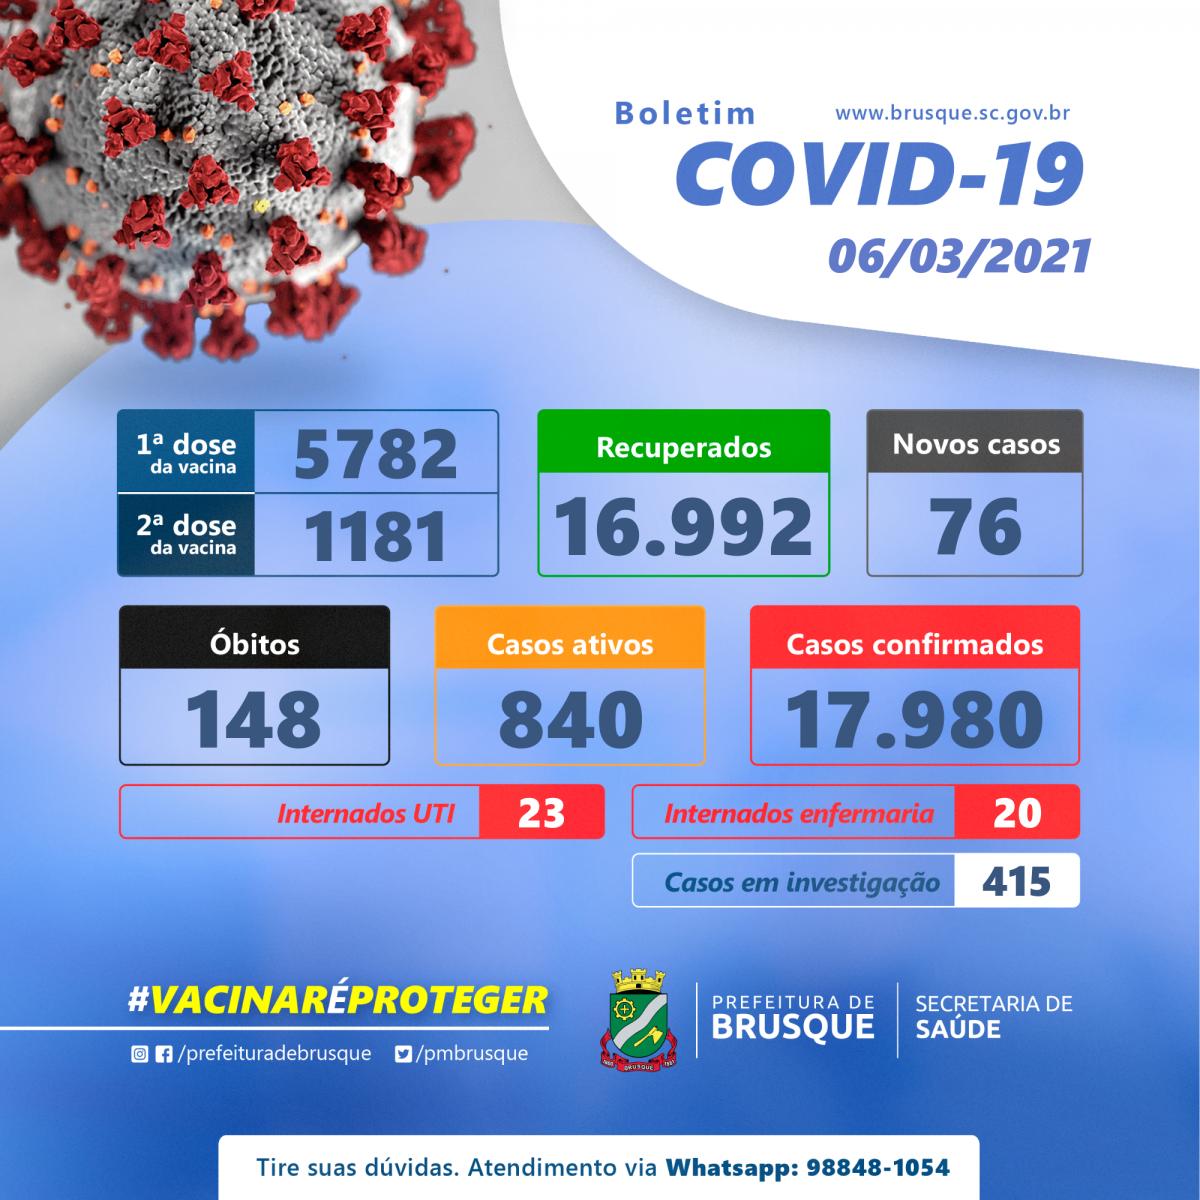 Covid-19: Confira o boletim epidemiológico deste sábado (6)